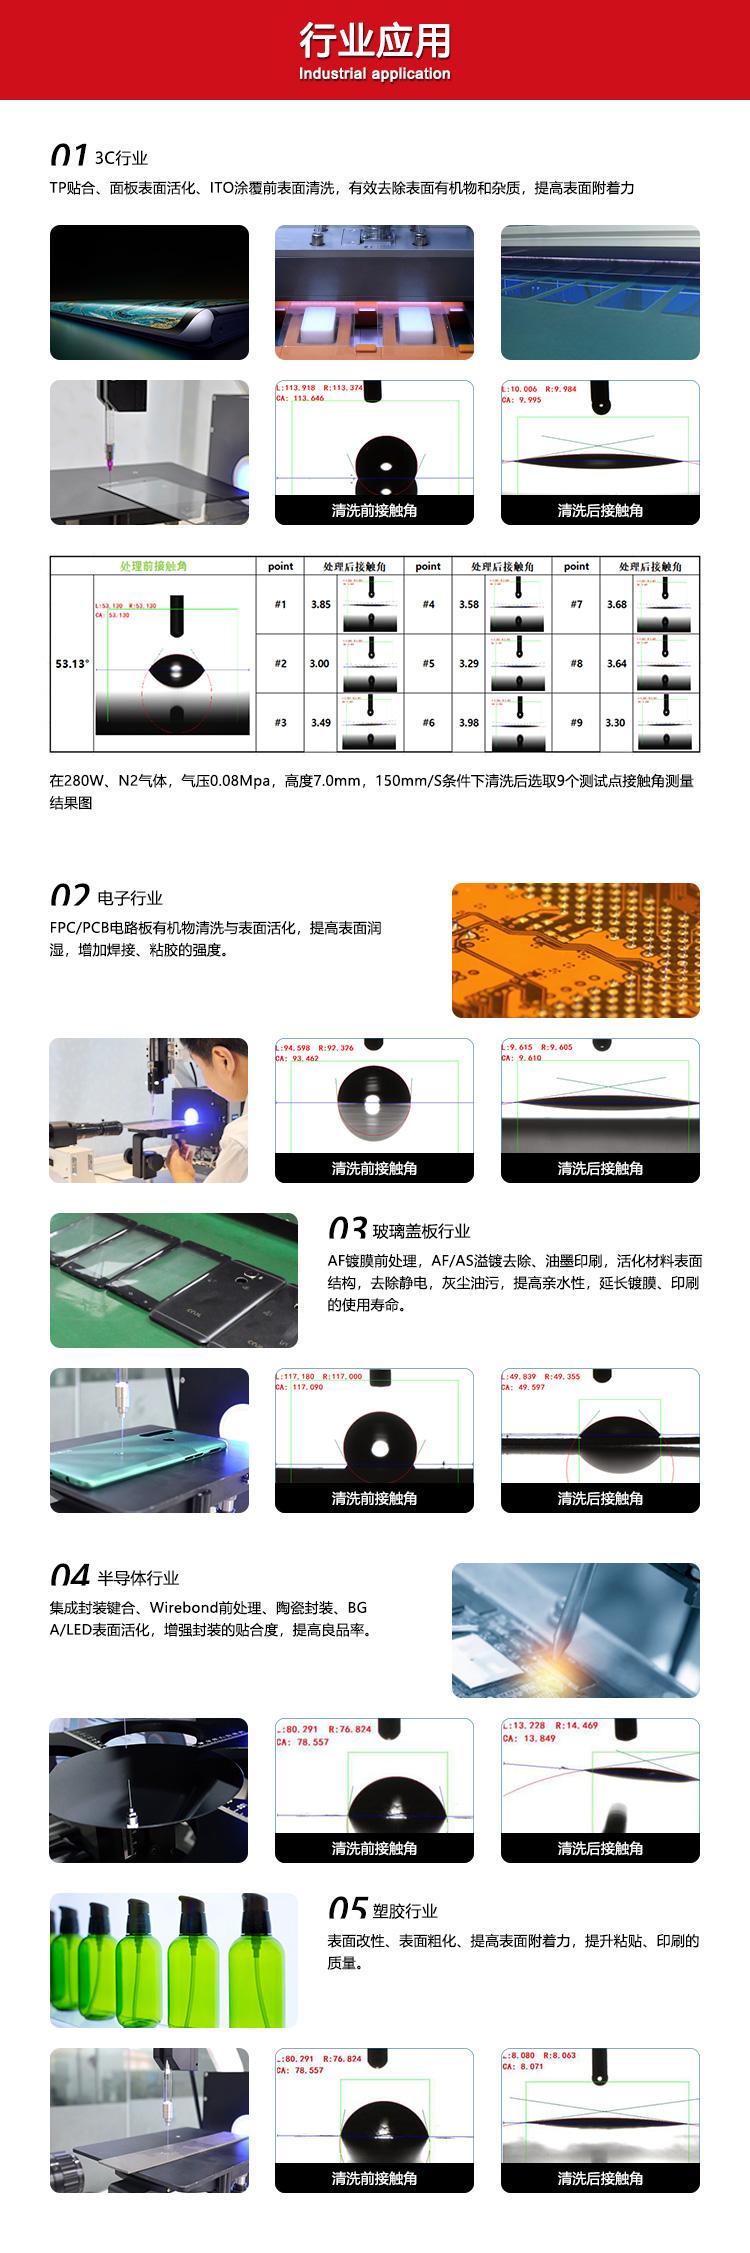 宽幅射频等离子清洗机SPK-800S_04.jpg